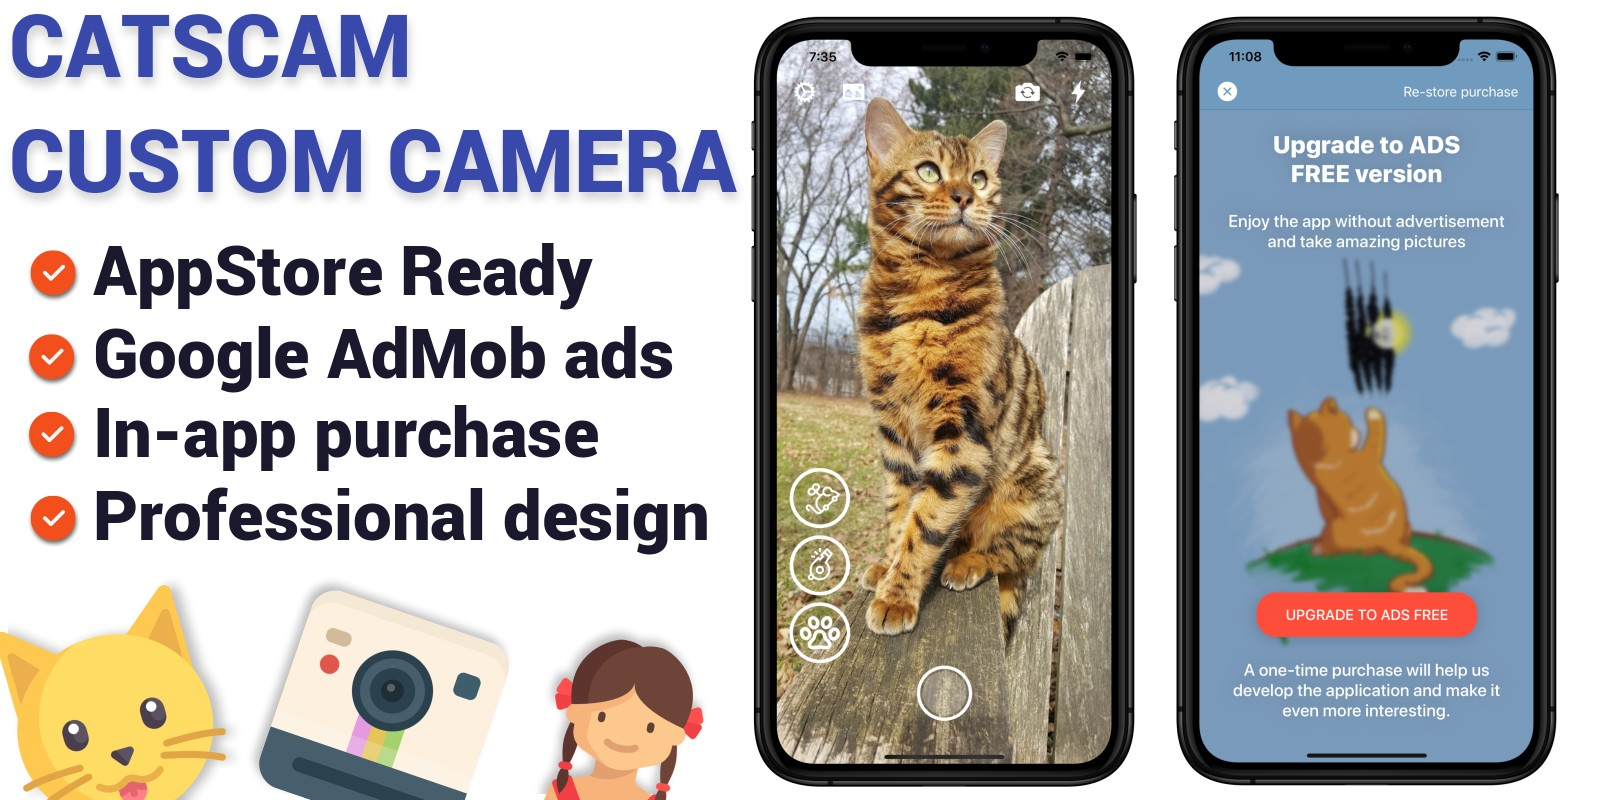 CatsCam - iOS Custom Camera Source Code